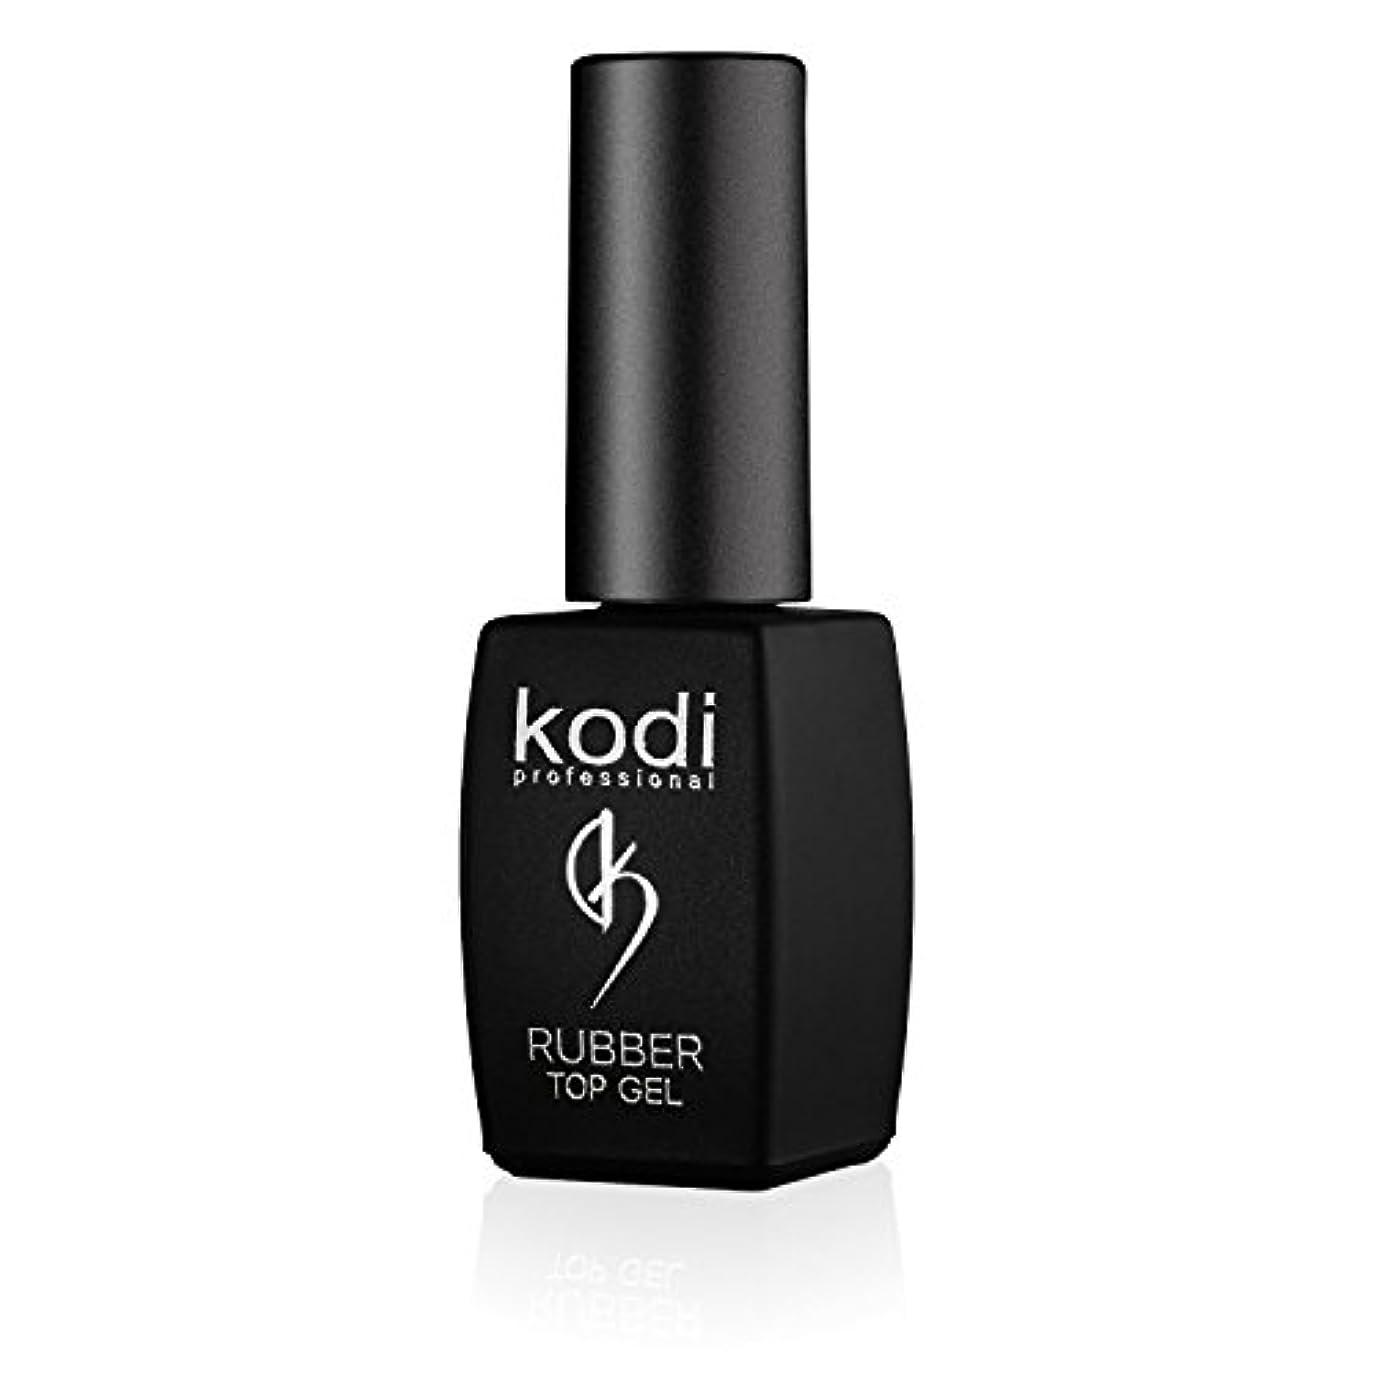 束脚文字通りProfessional Rubber Top Gel By Kodi | 8ml 0.27 oz | Soak Off, Polish Fingernails Coat Kit | For Long Lasting Nails...